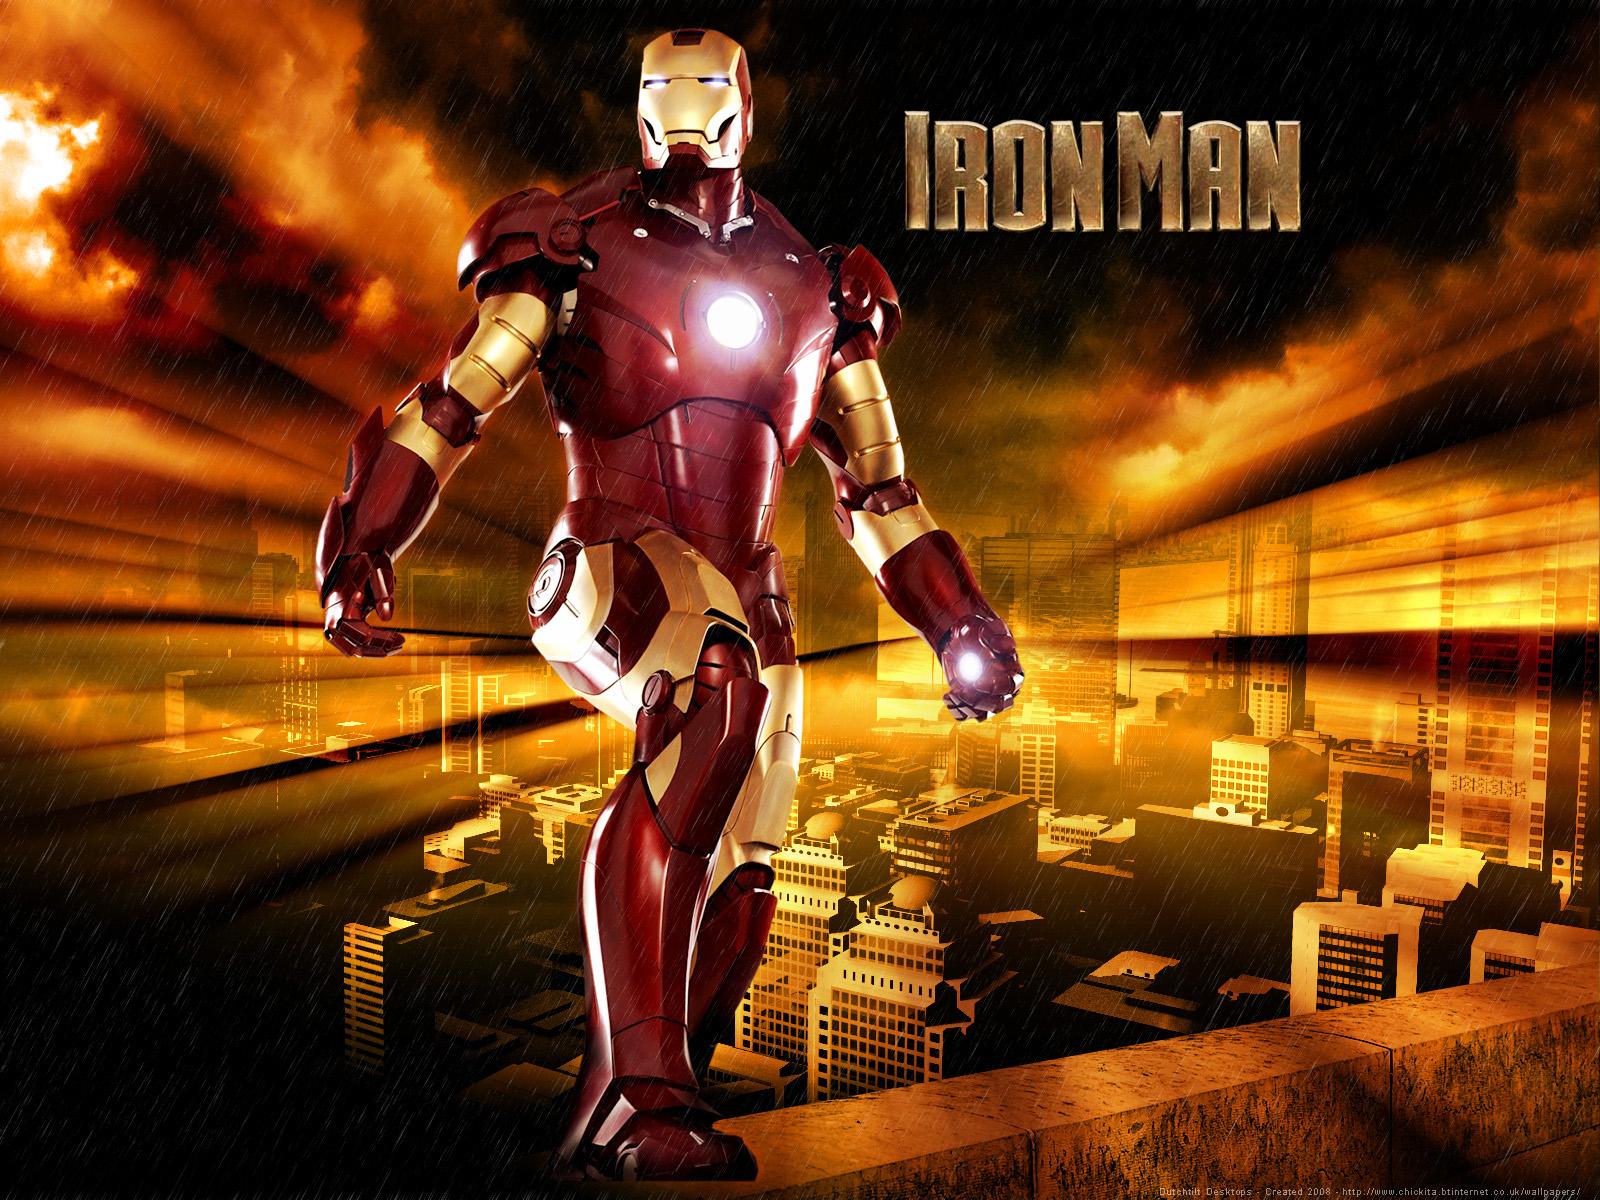 Movie wallpapers iron man wallpapers iron man wallpaper hd 3jpg 1600x1200